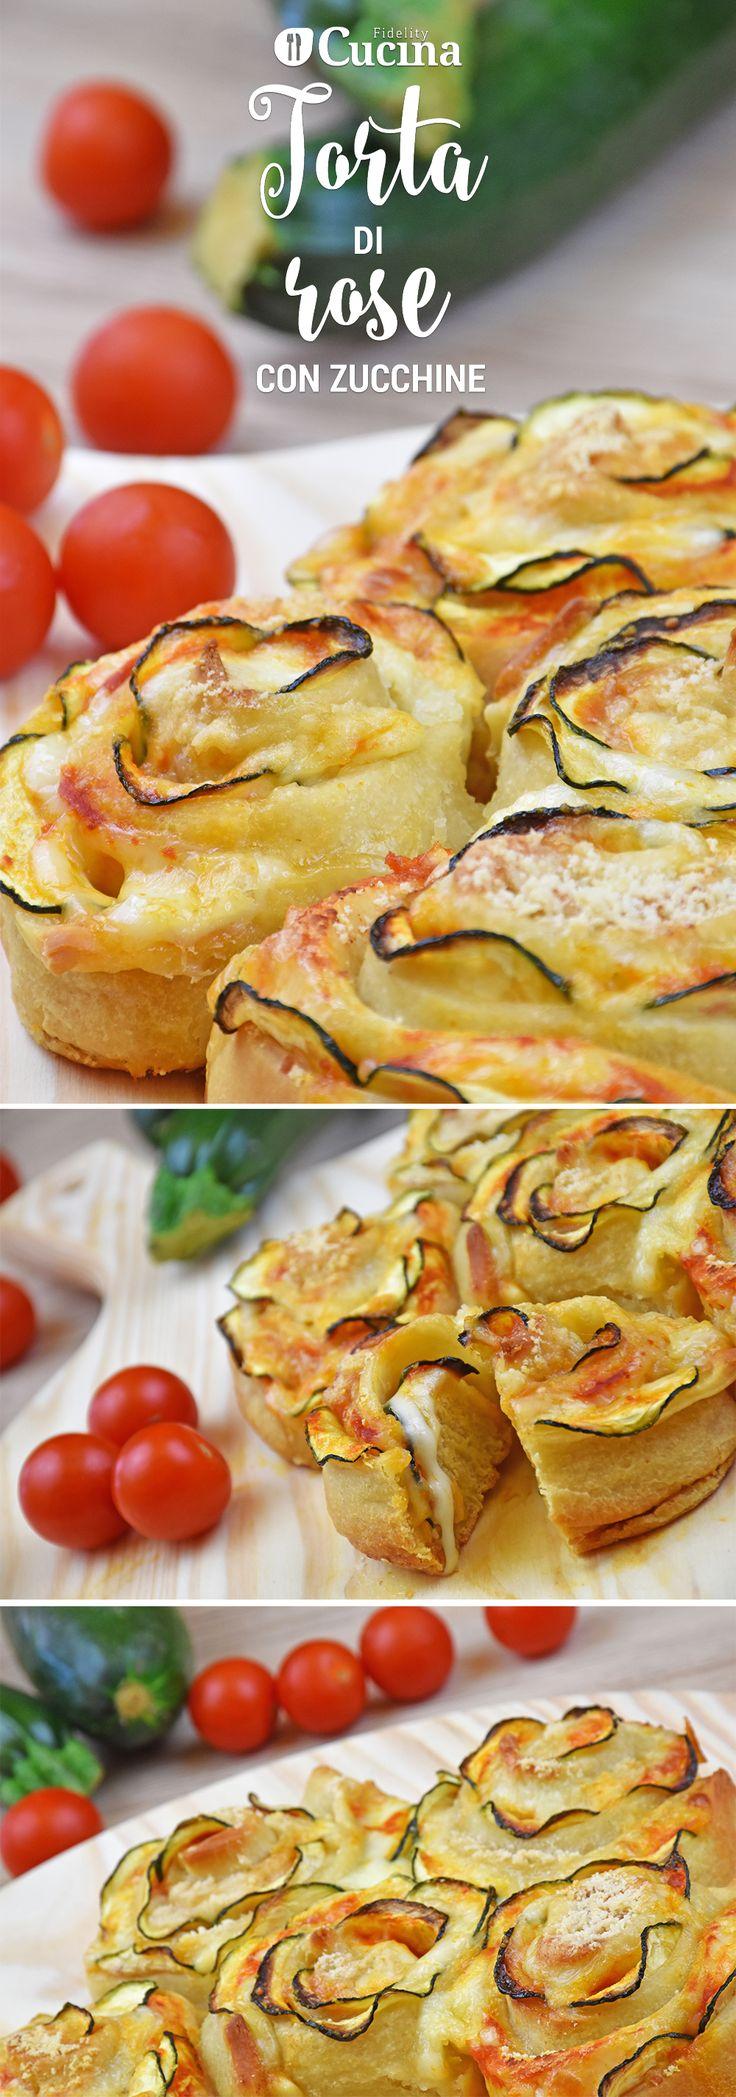 La torta di rose con #zucchine è una variante salata della classica torta di rose dolce. L'effetto finale è di grande impatto e soprattutto piace tantissimo. Ecco la #videoricetta